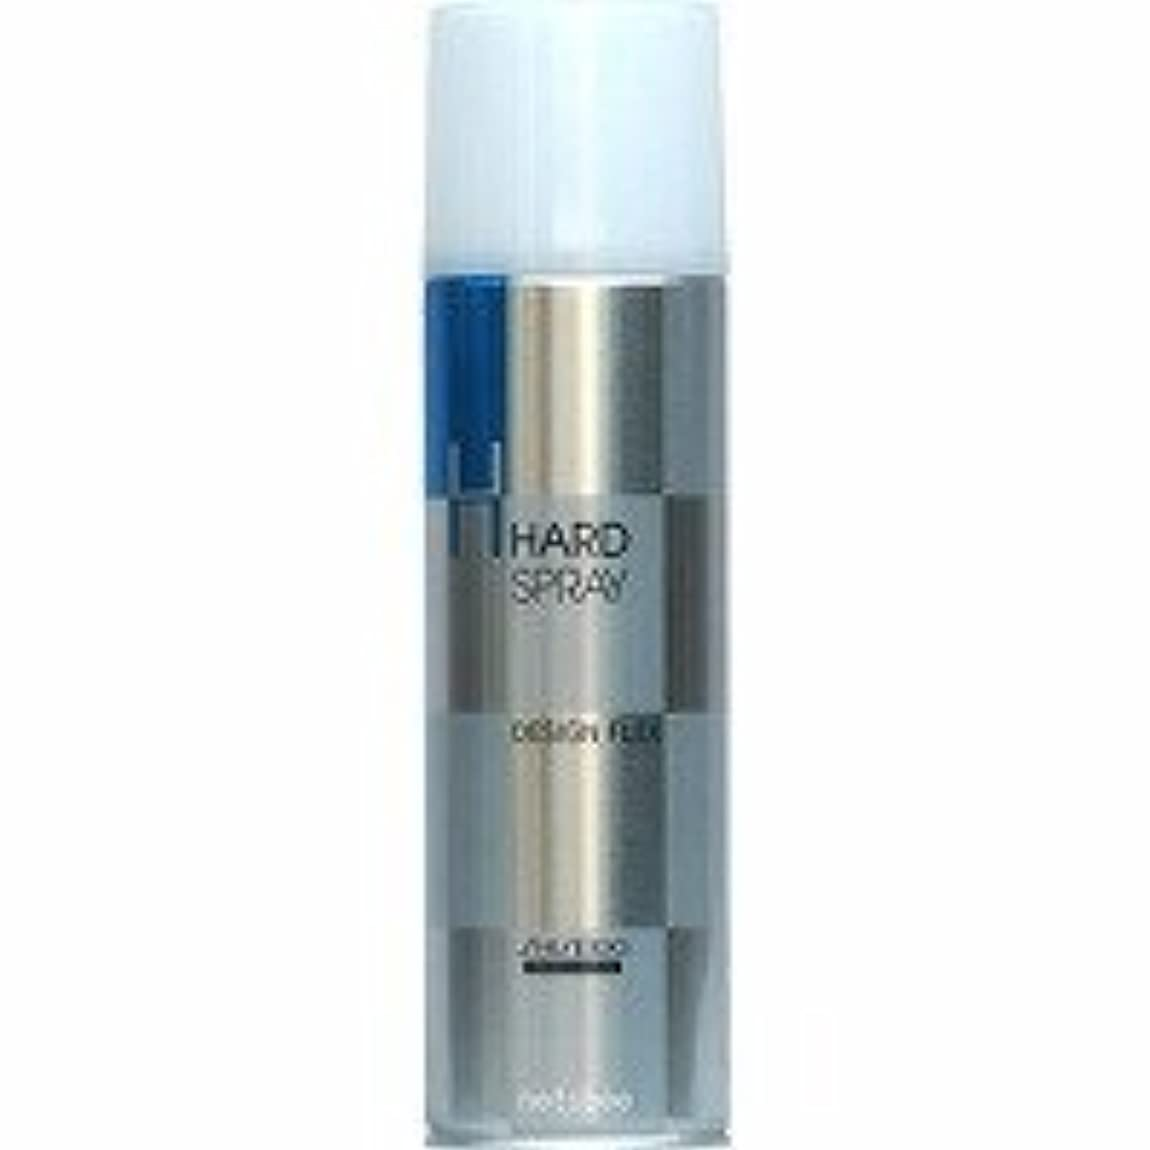 全体保持する能力【X3個セット】 資生堂プロフェッショナル デザインフレックス ハードスプレー 260g shiseido PROFESSIONAL